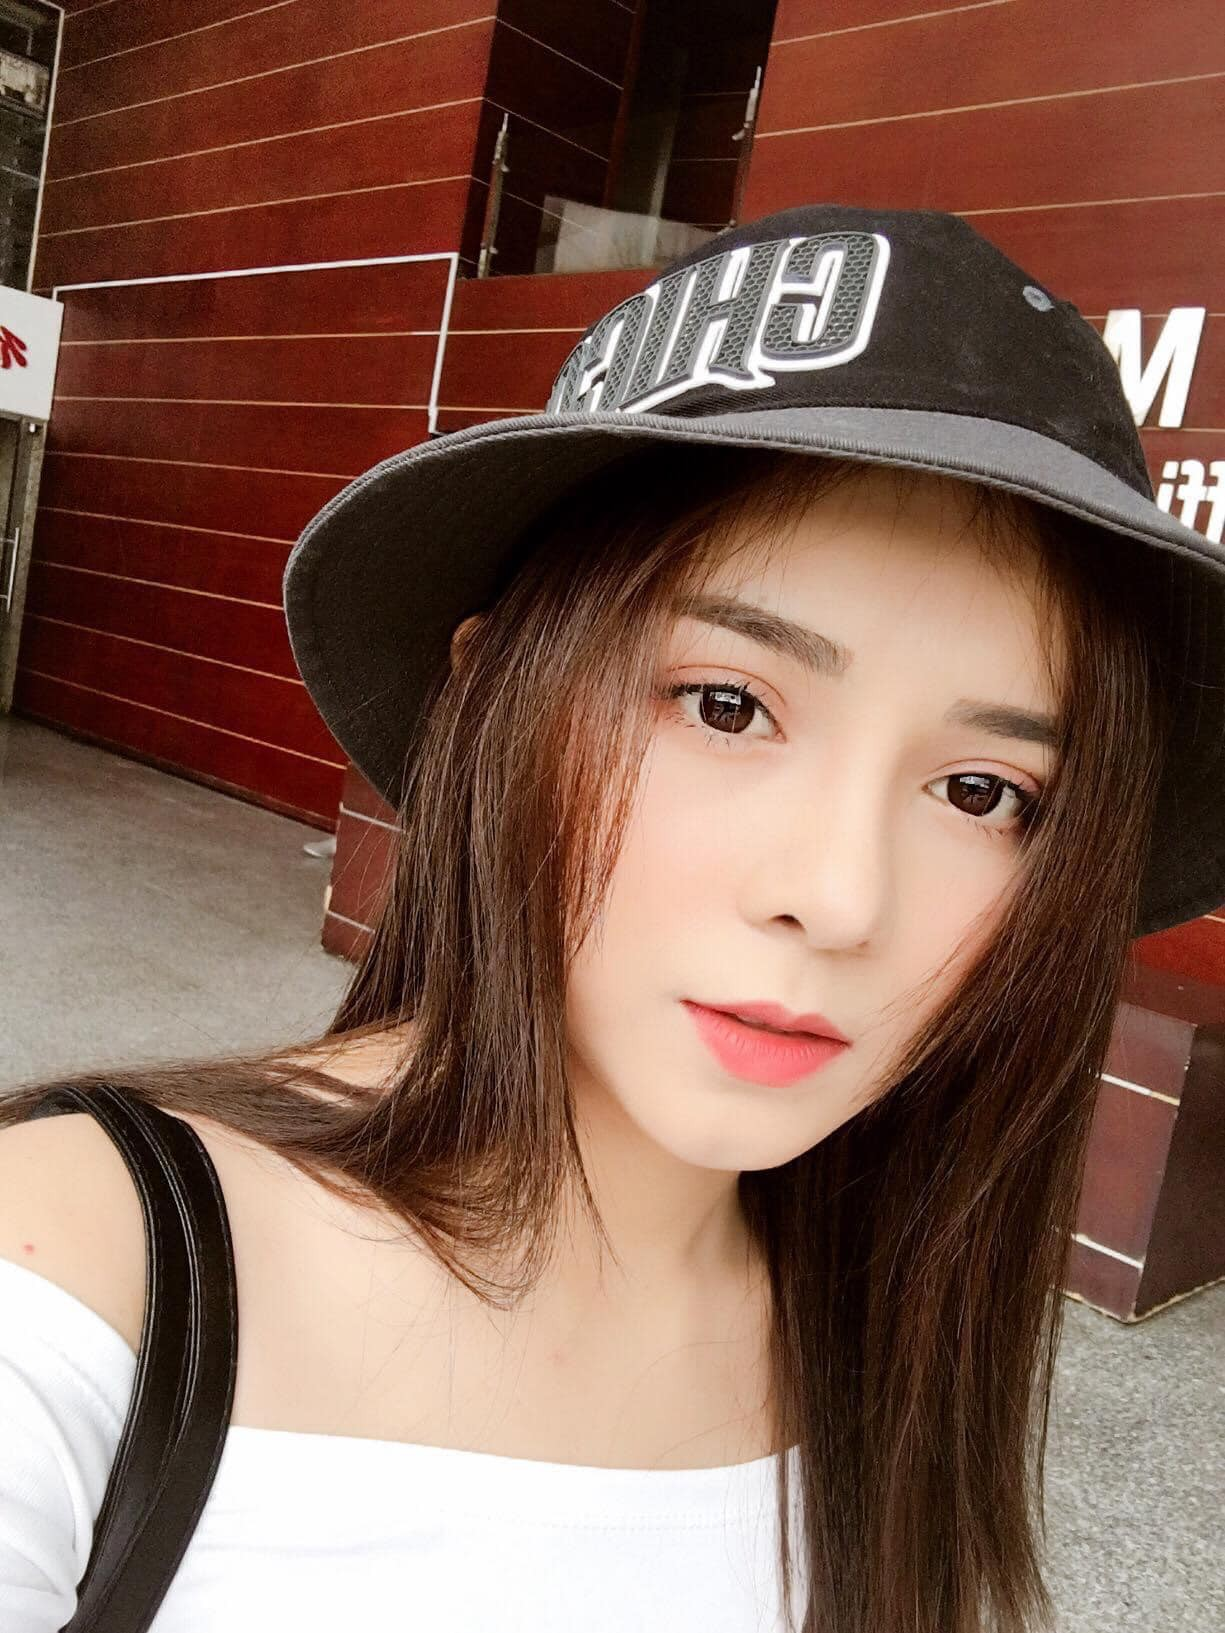 Bị nhầm là hot girl Trung Quốc, nữ MC Tây Ninh được 'săn đón' mọi ngả đường - Ảnh 4